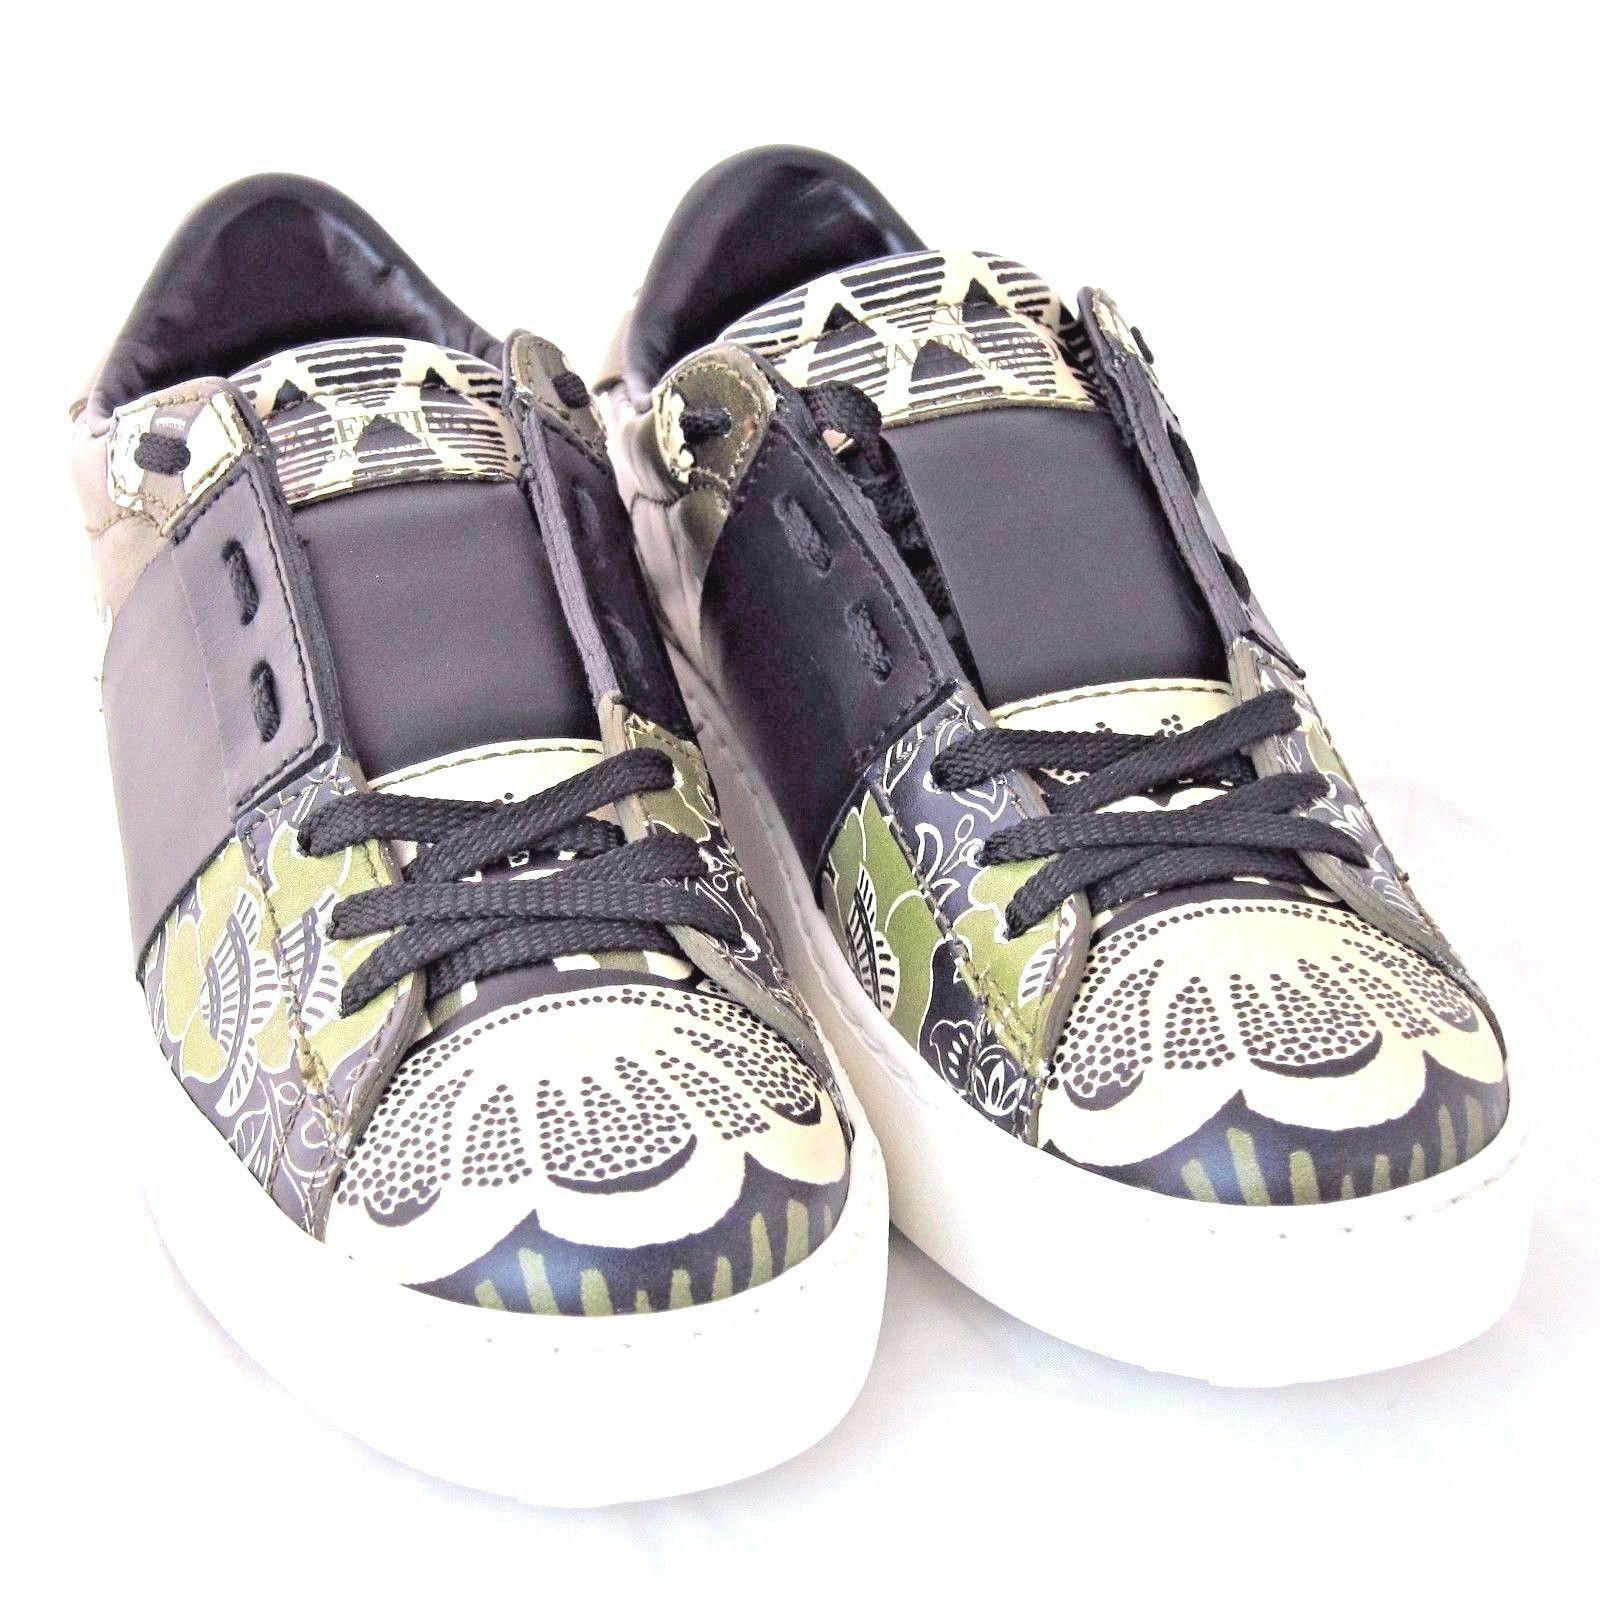 k vl2153 neu valentino damen rockstud fashion sneaker gr n schuh gr e 37 5 us 7 athletic. Black Bedroom Furniture Sets. Home Design Ideas